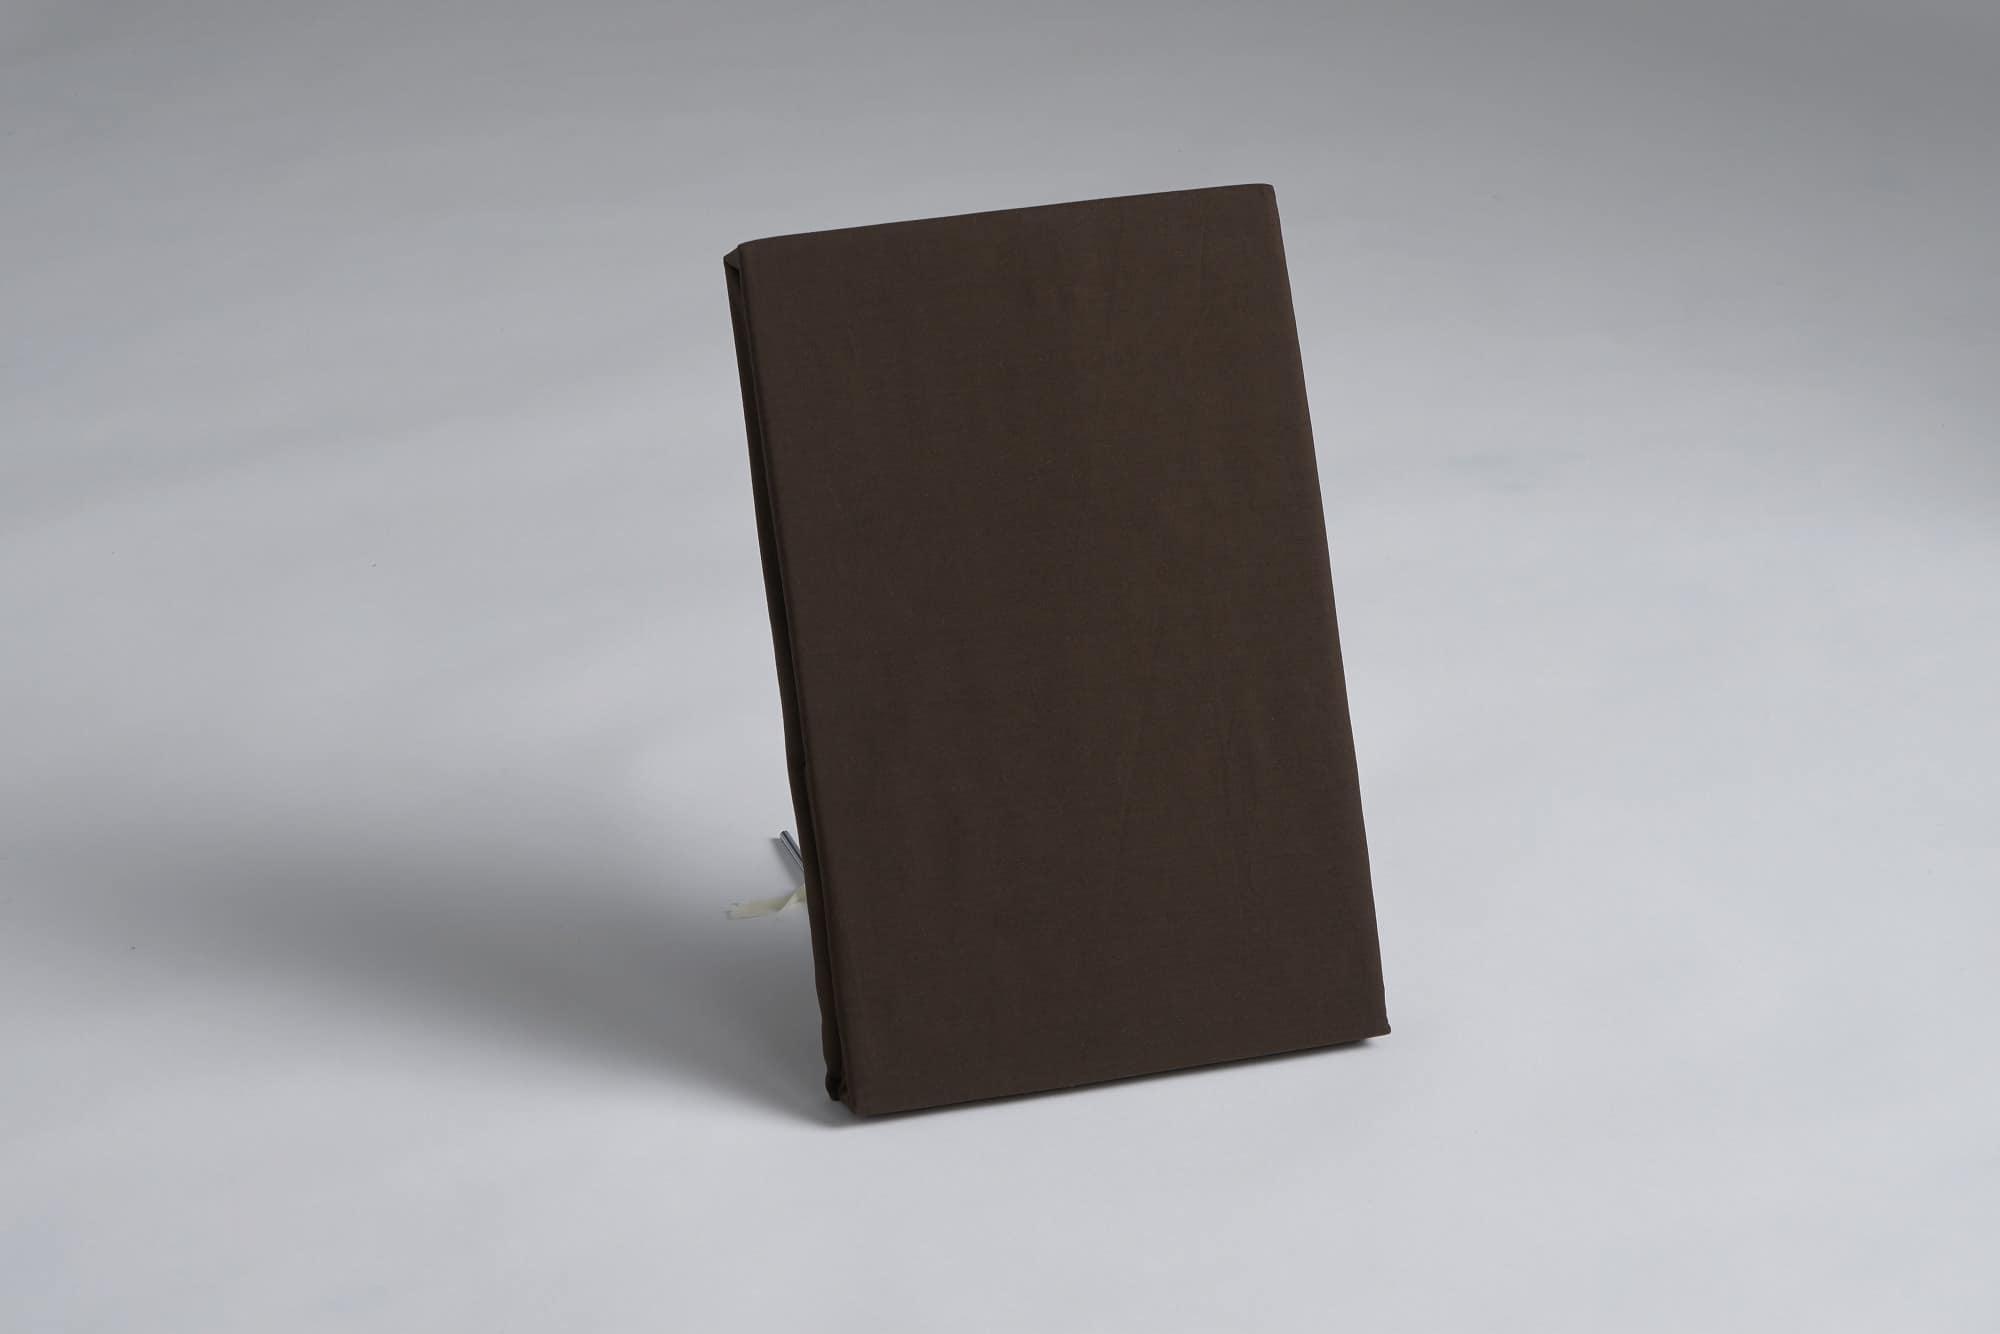 ボックスシーツ シングル用 36H ブラウン:《綿100%を使用したボックスシーツ》